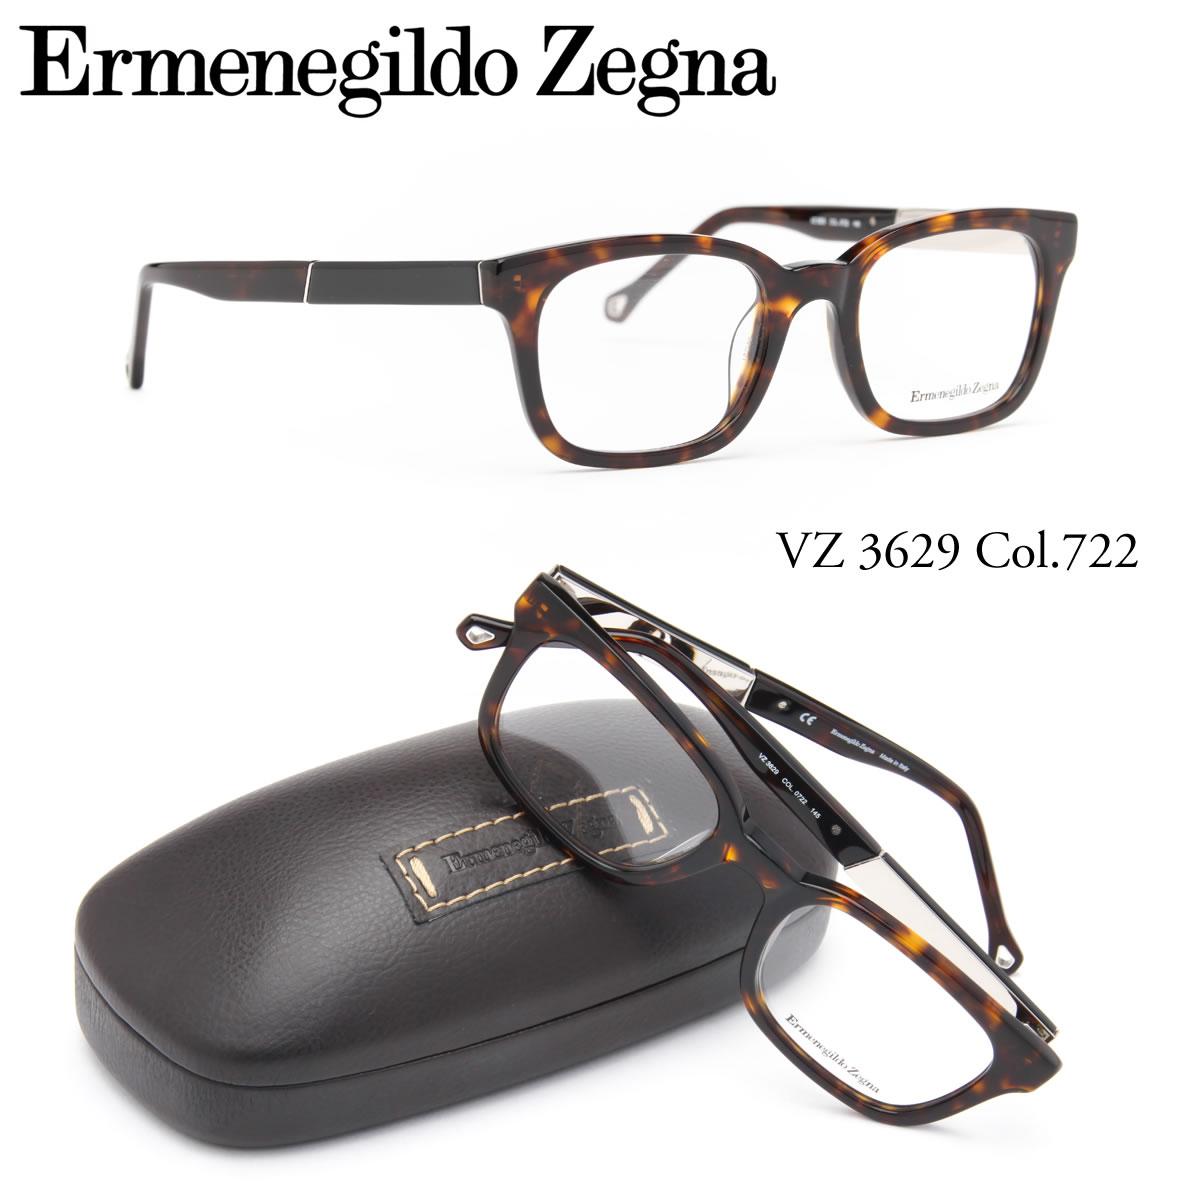 【エルメネジルドゼニア メガネ】Ermenegildo Zegna メガネ一式セット:VZ3629 0722 52【伊達メガネ用レンズ無料!!】